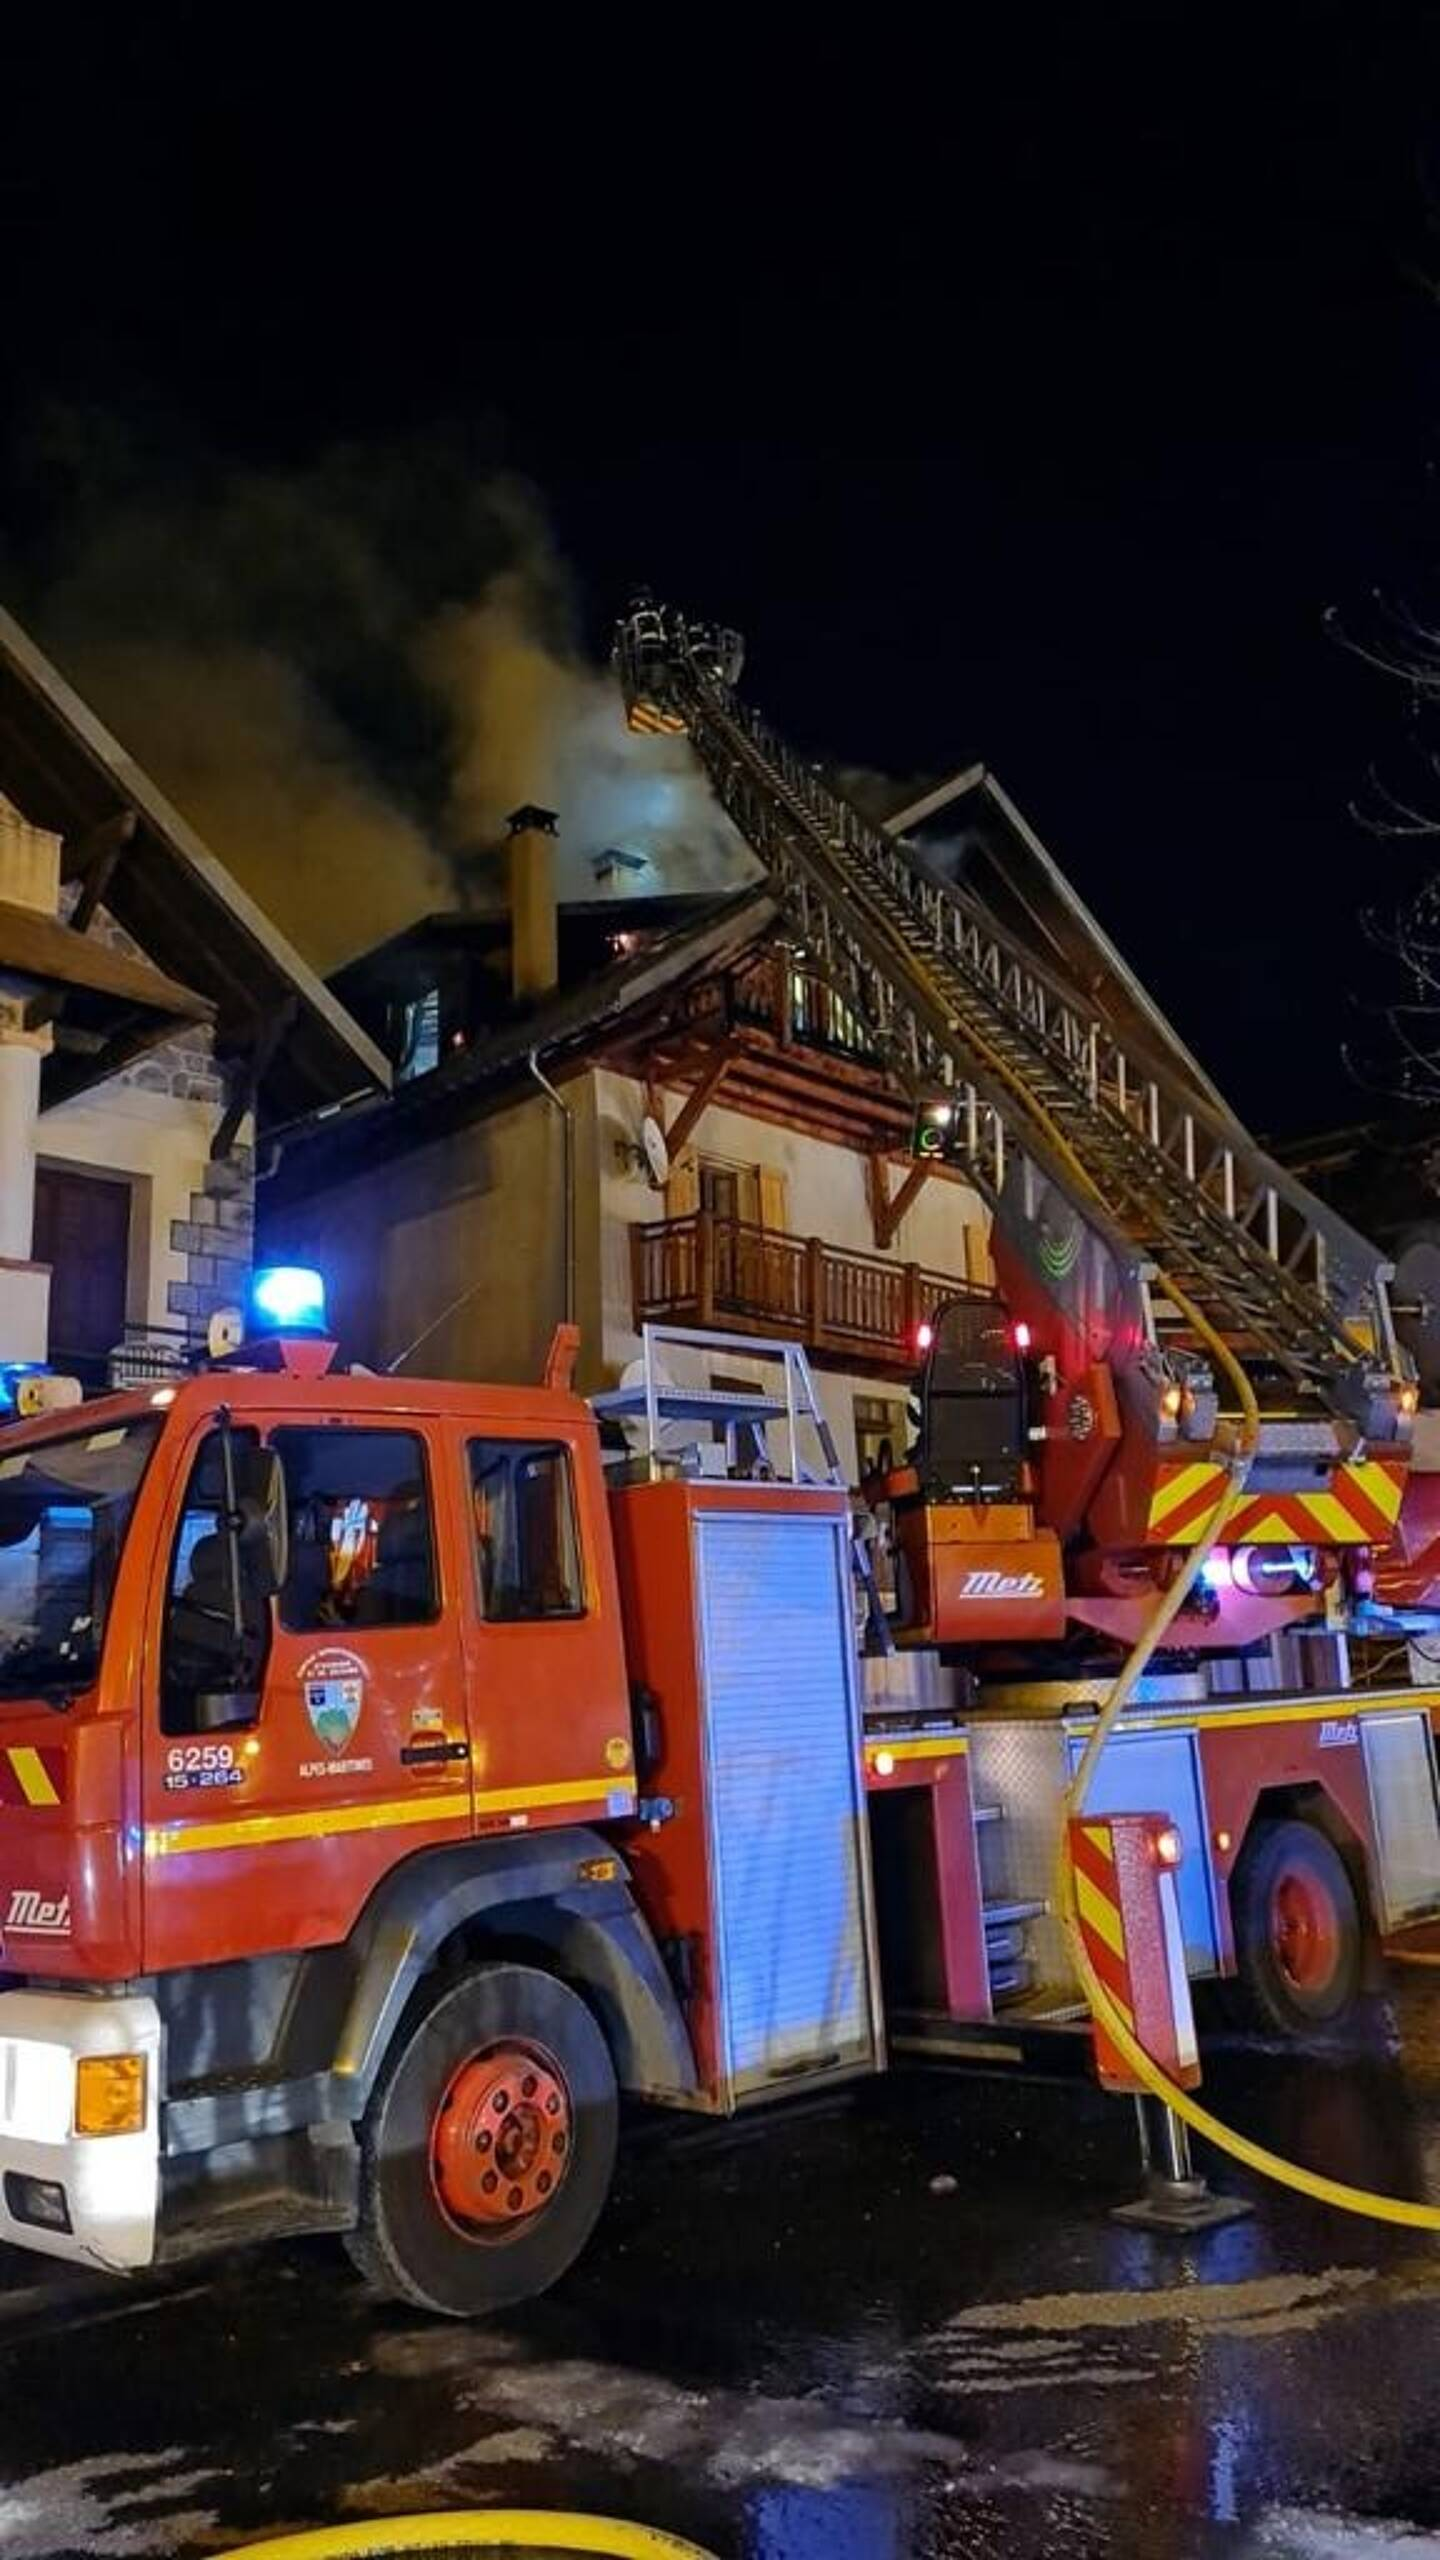 Les occupants de l'appartement ont été évacués avant l'arrivée des secours.